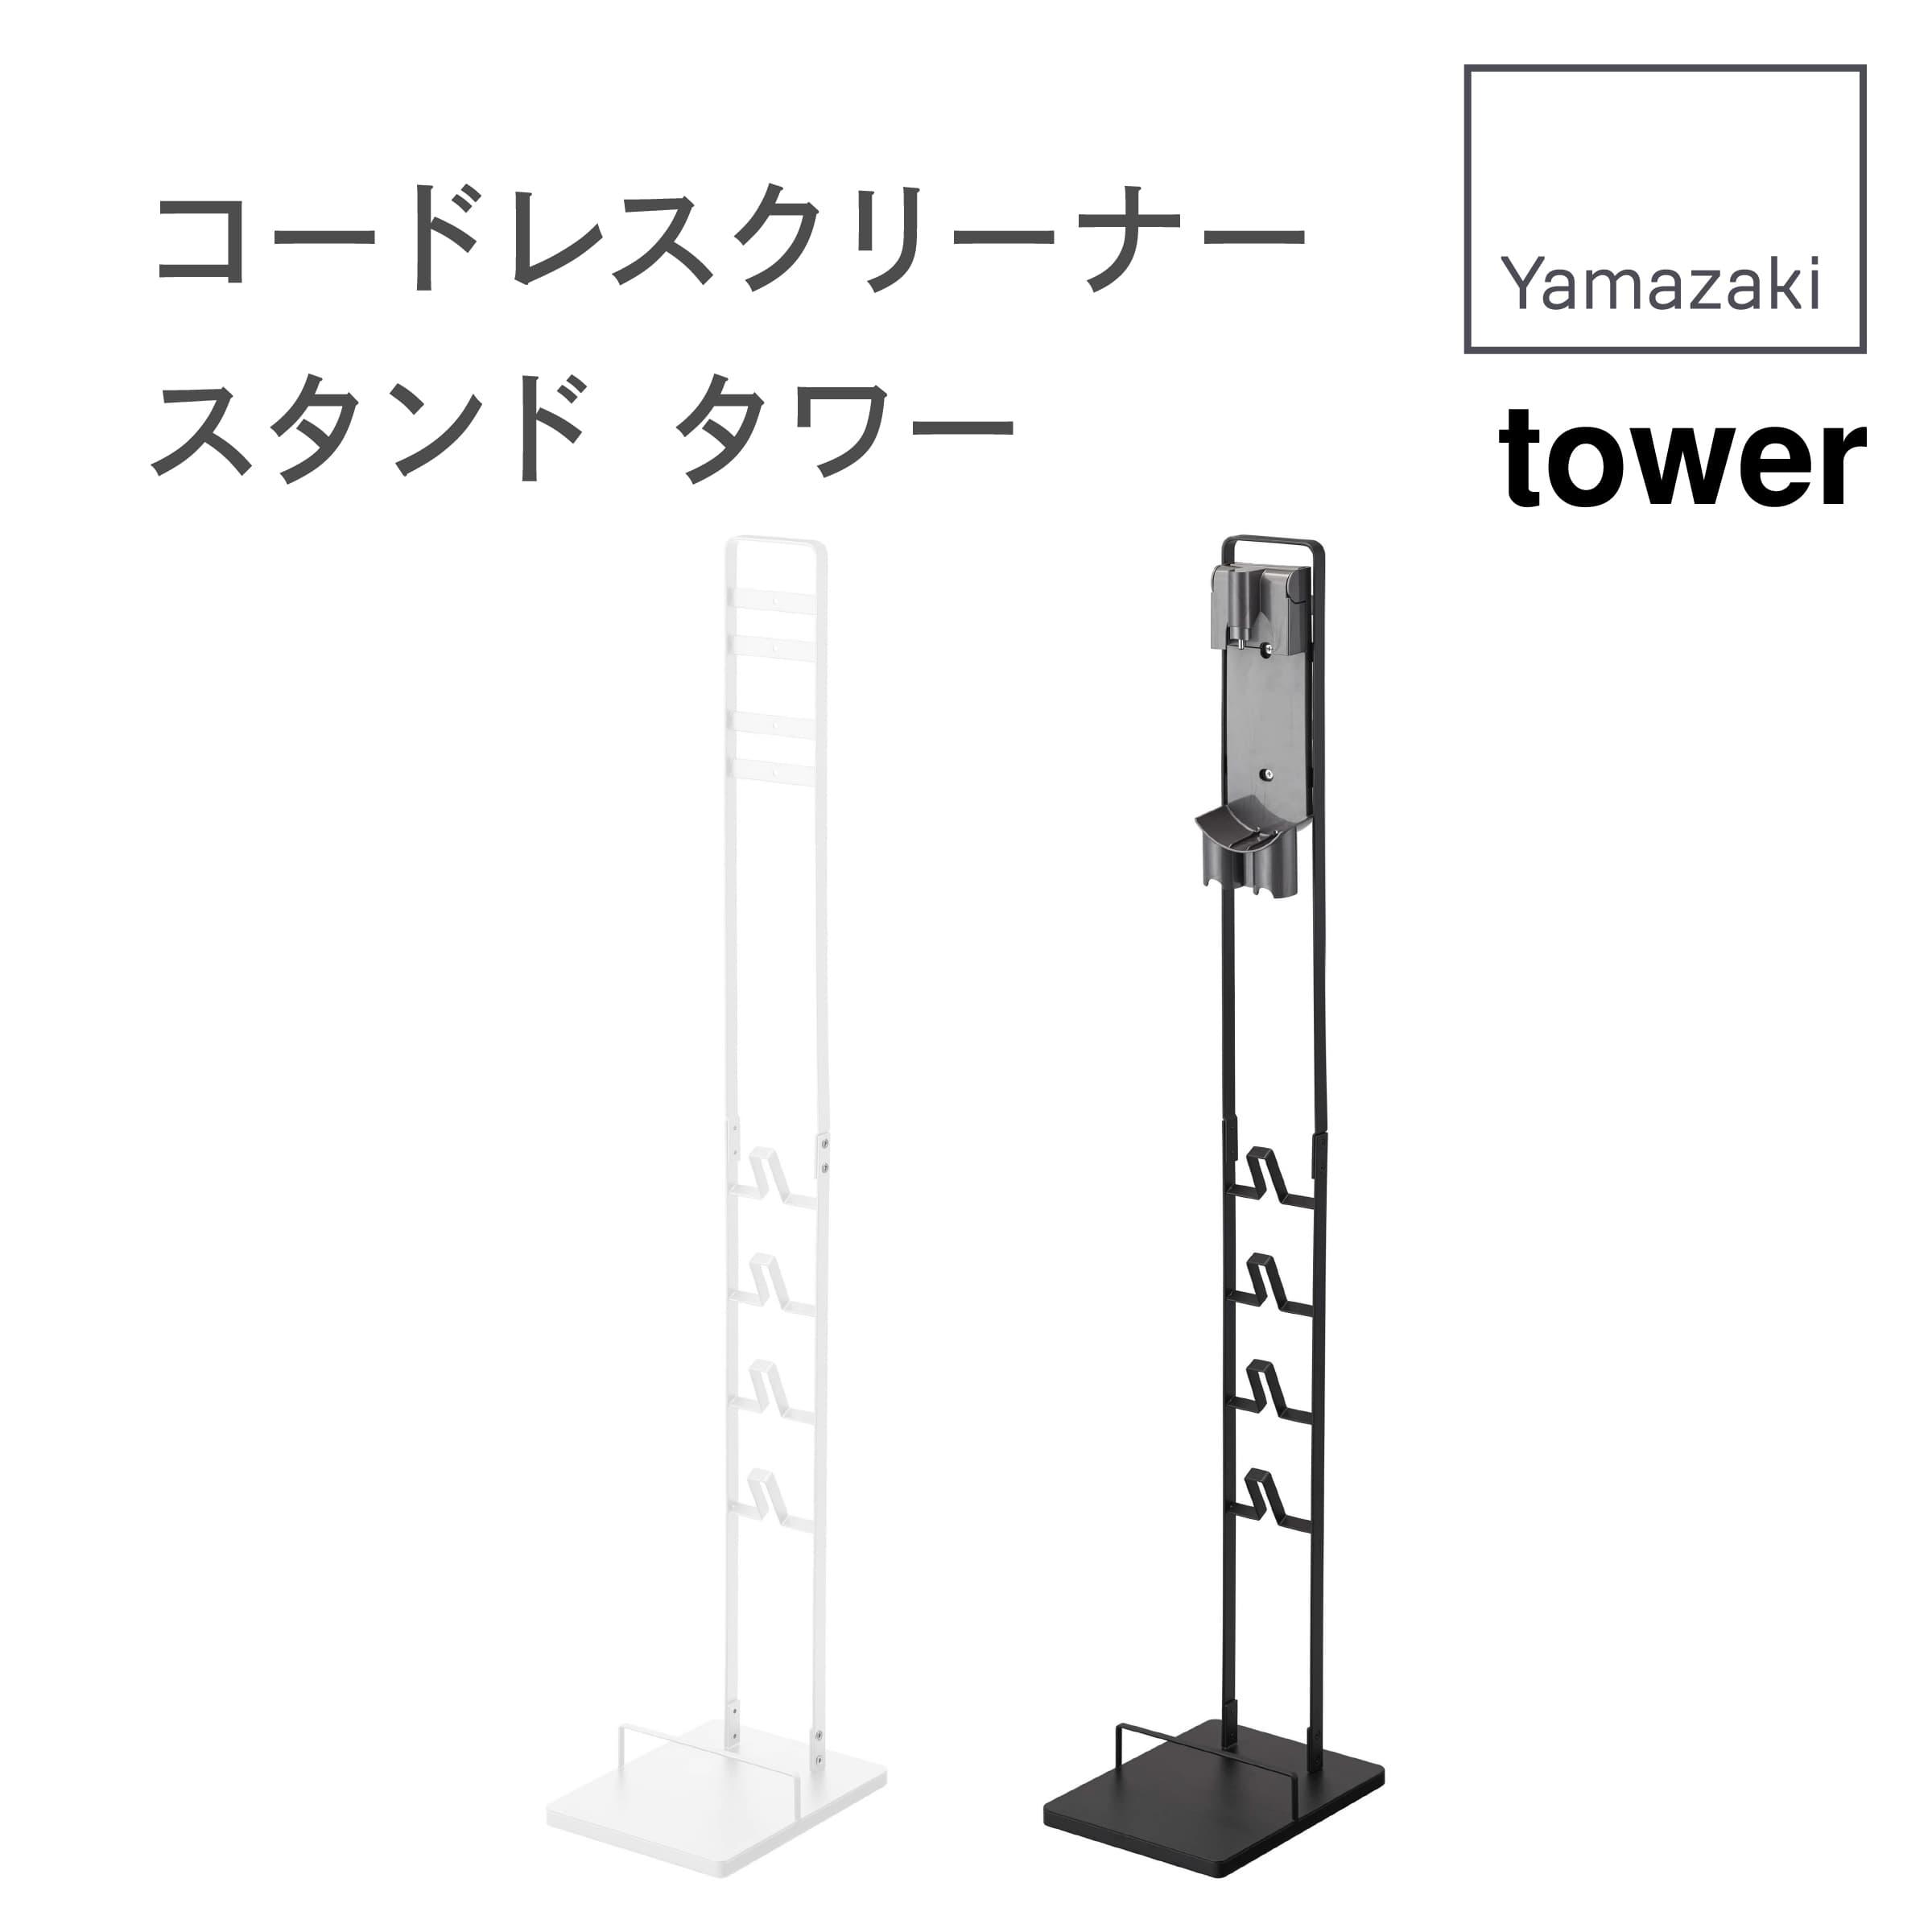 壁 への 穴あけ 不要 収納 したまま 充電 デポー も できる コードレスクリーナースタンド ポイント5倍 送料無料 山崎実業 tower 正規認証品!新規格 3540 リビング 自立式 おしゃれ コードレス ダイソン yamazaki タワー スタンド クリーナー 3541 シンプル スタイリッシュ